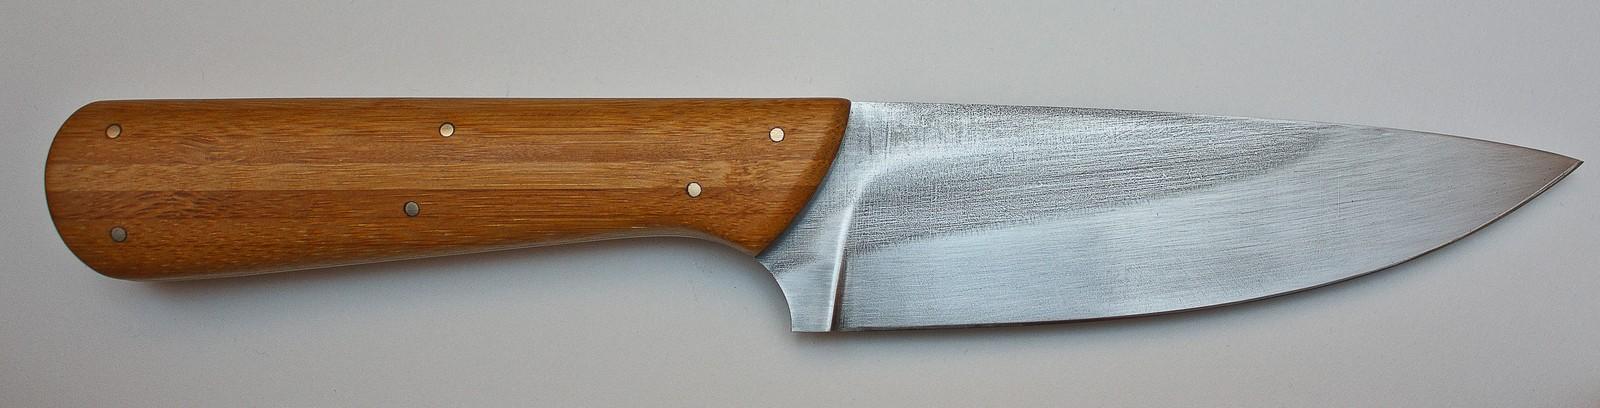 Couteau de cuisine couteaux et tuis arnaud petetin for Etui couteau cuisine